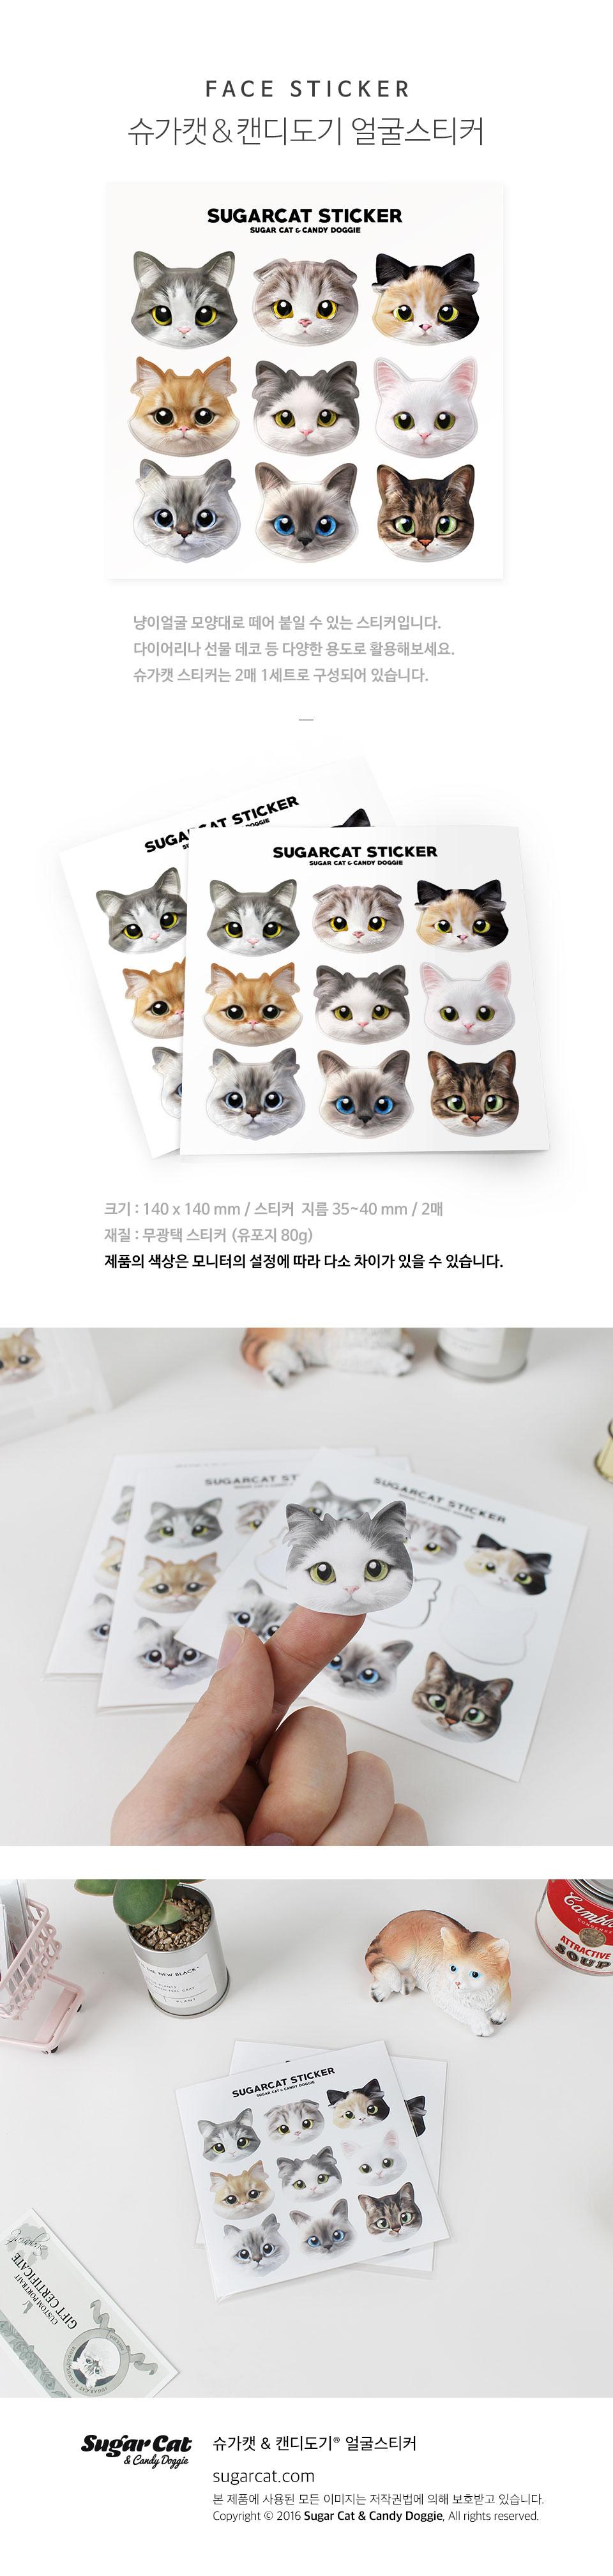 슈가캣 얼굴스티커 - 슈가캣 캔디도기, 2,500원, 스티커, 캐릭터스티커